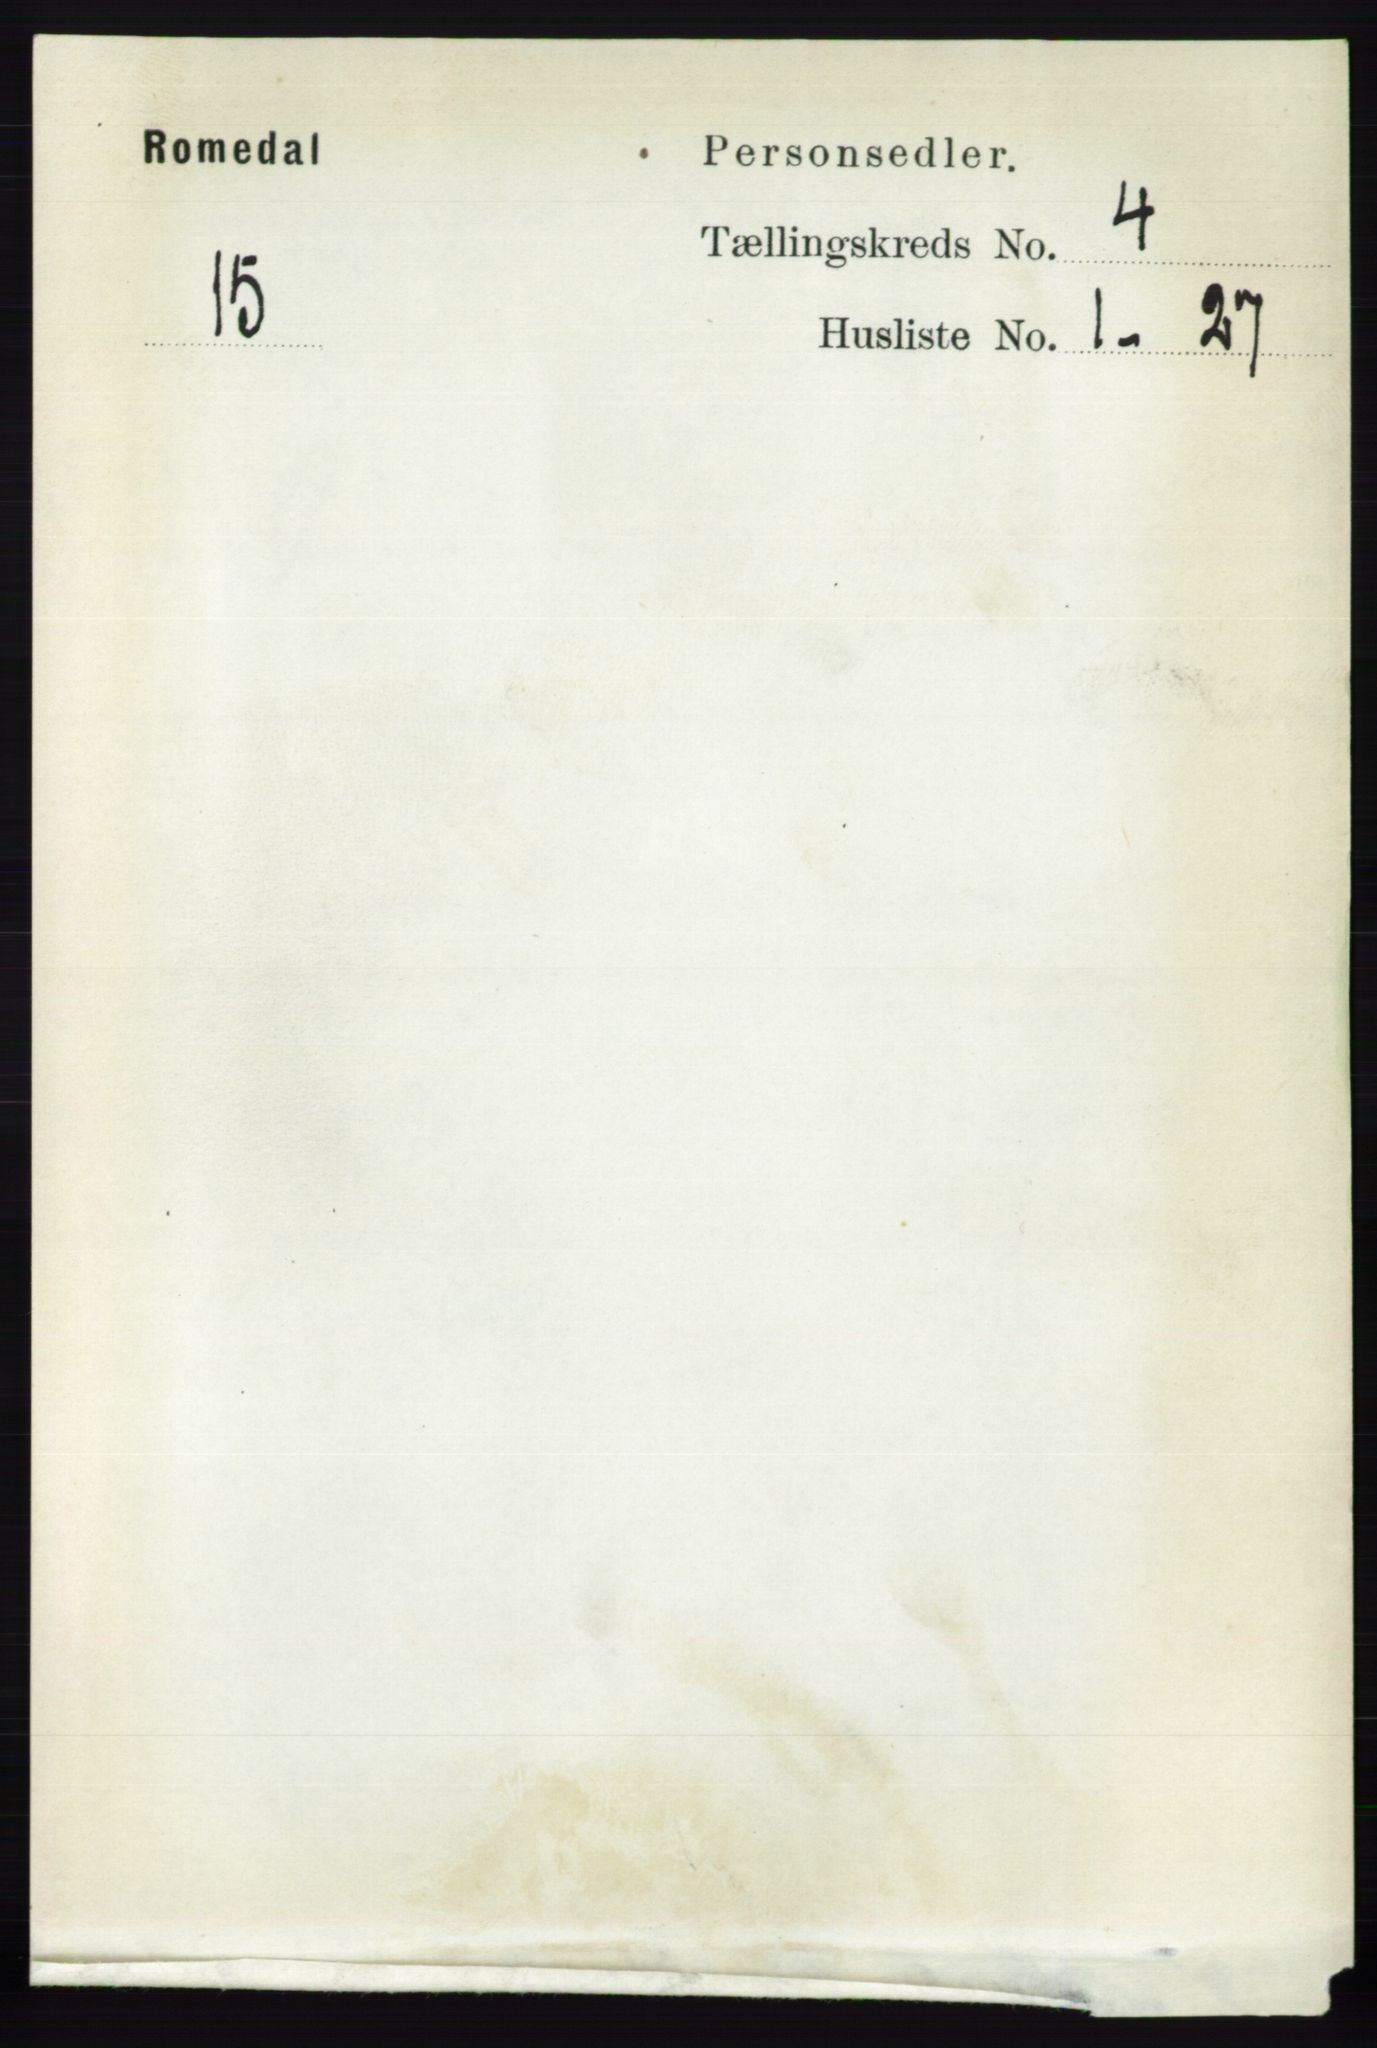 RA, Folketelling 1891 for 0416 Romedal herred, 1891, s. 1967